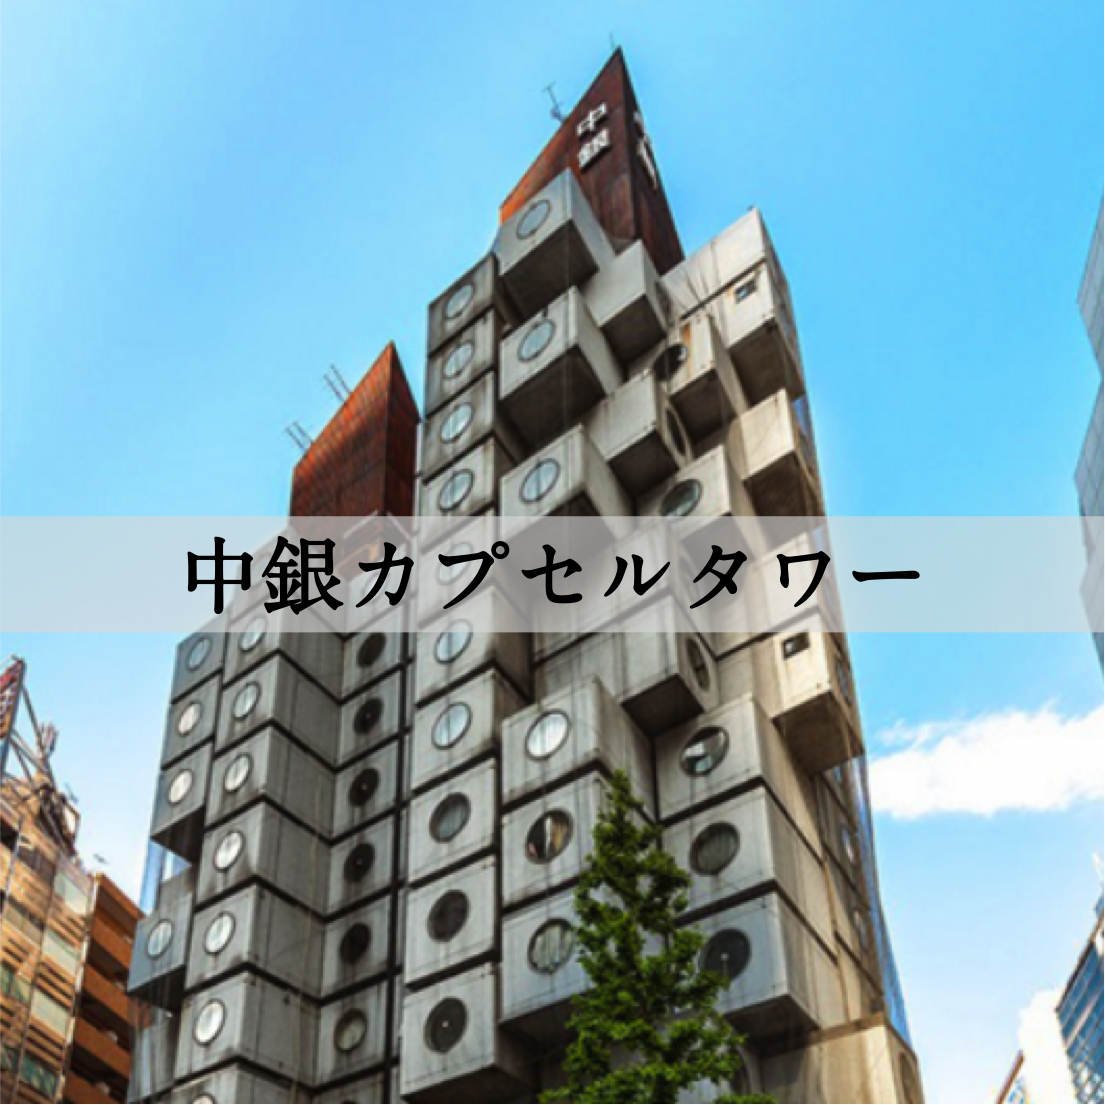 中銀カプセルタワー – シェアオフィス –